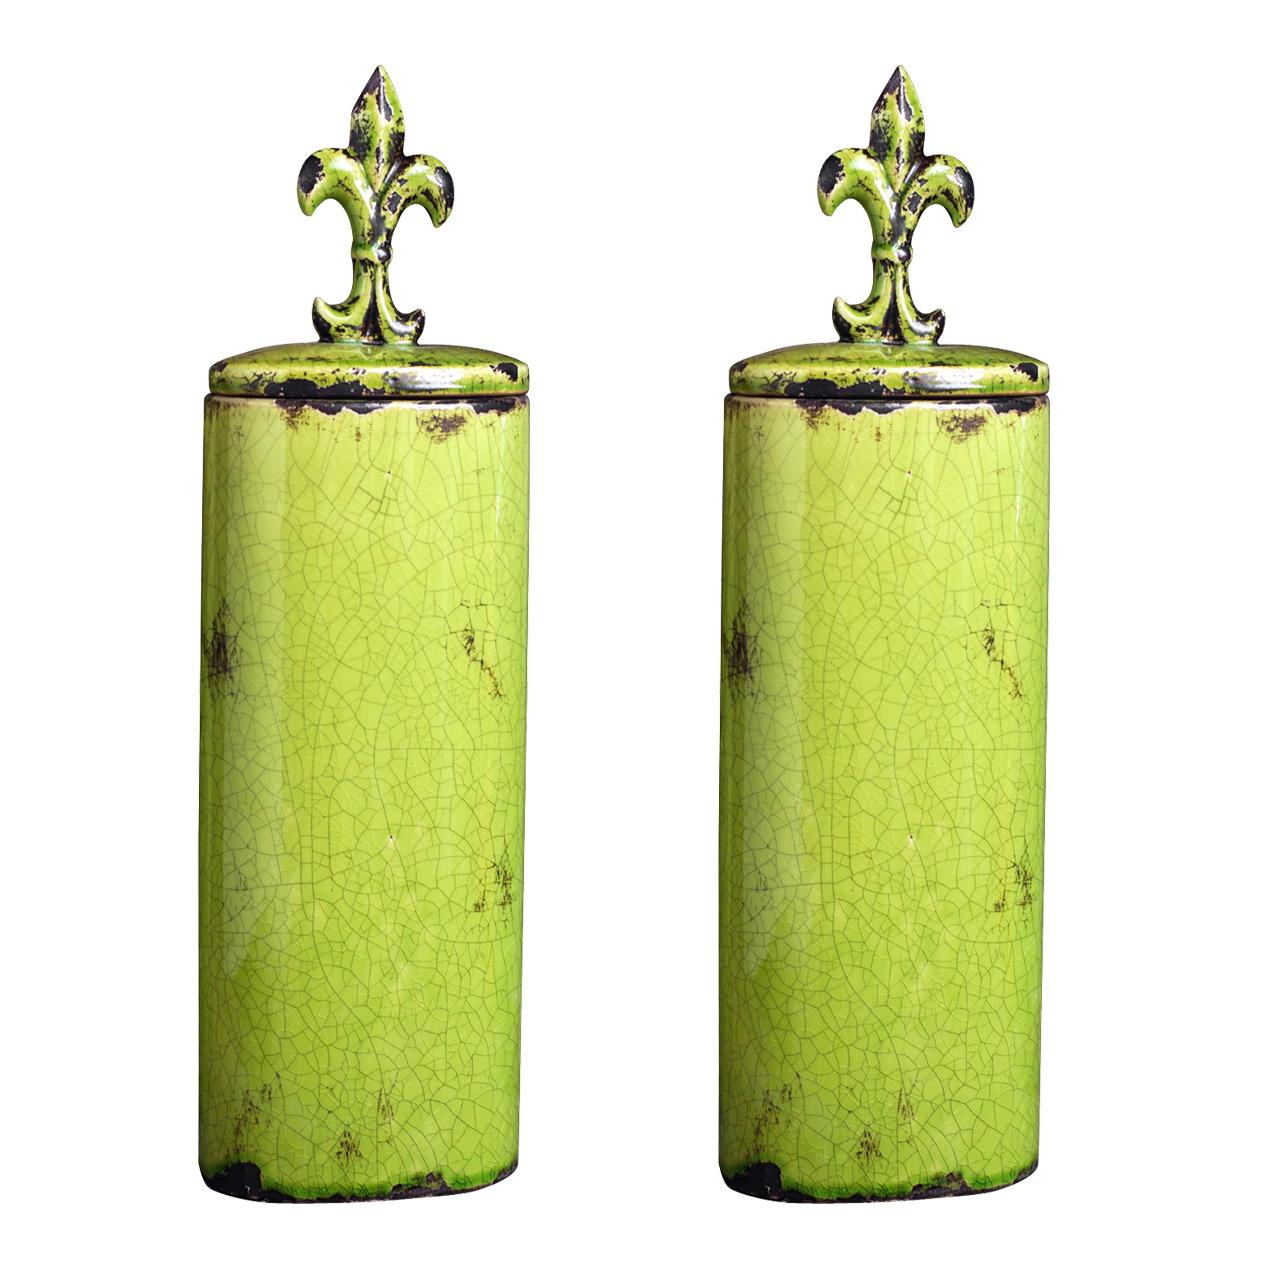 {} ARTEVALUCE Ваза с крышкой Orlenda Цвет: Зеленый (11х17х58 см - 2 шт) artevaluce ваза с крышкой orlenda цвет зеленый 11х17х51 см